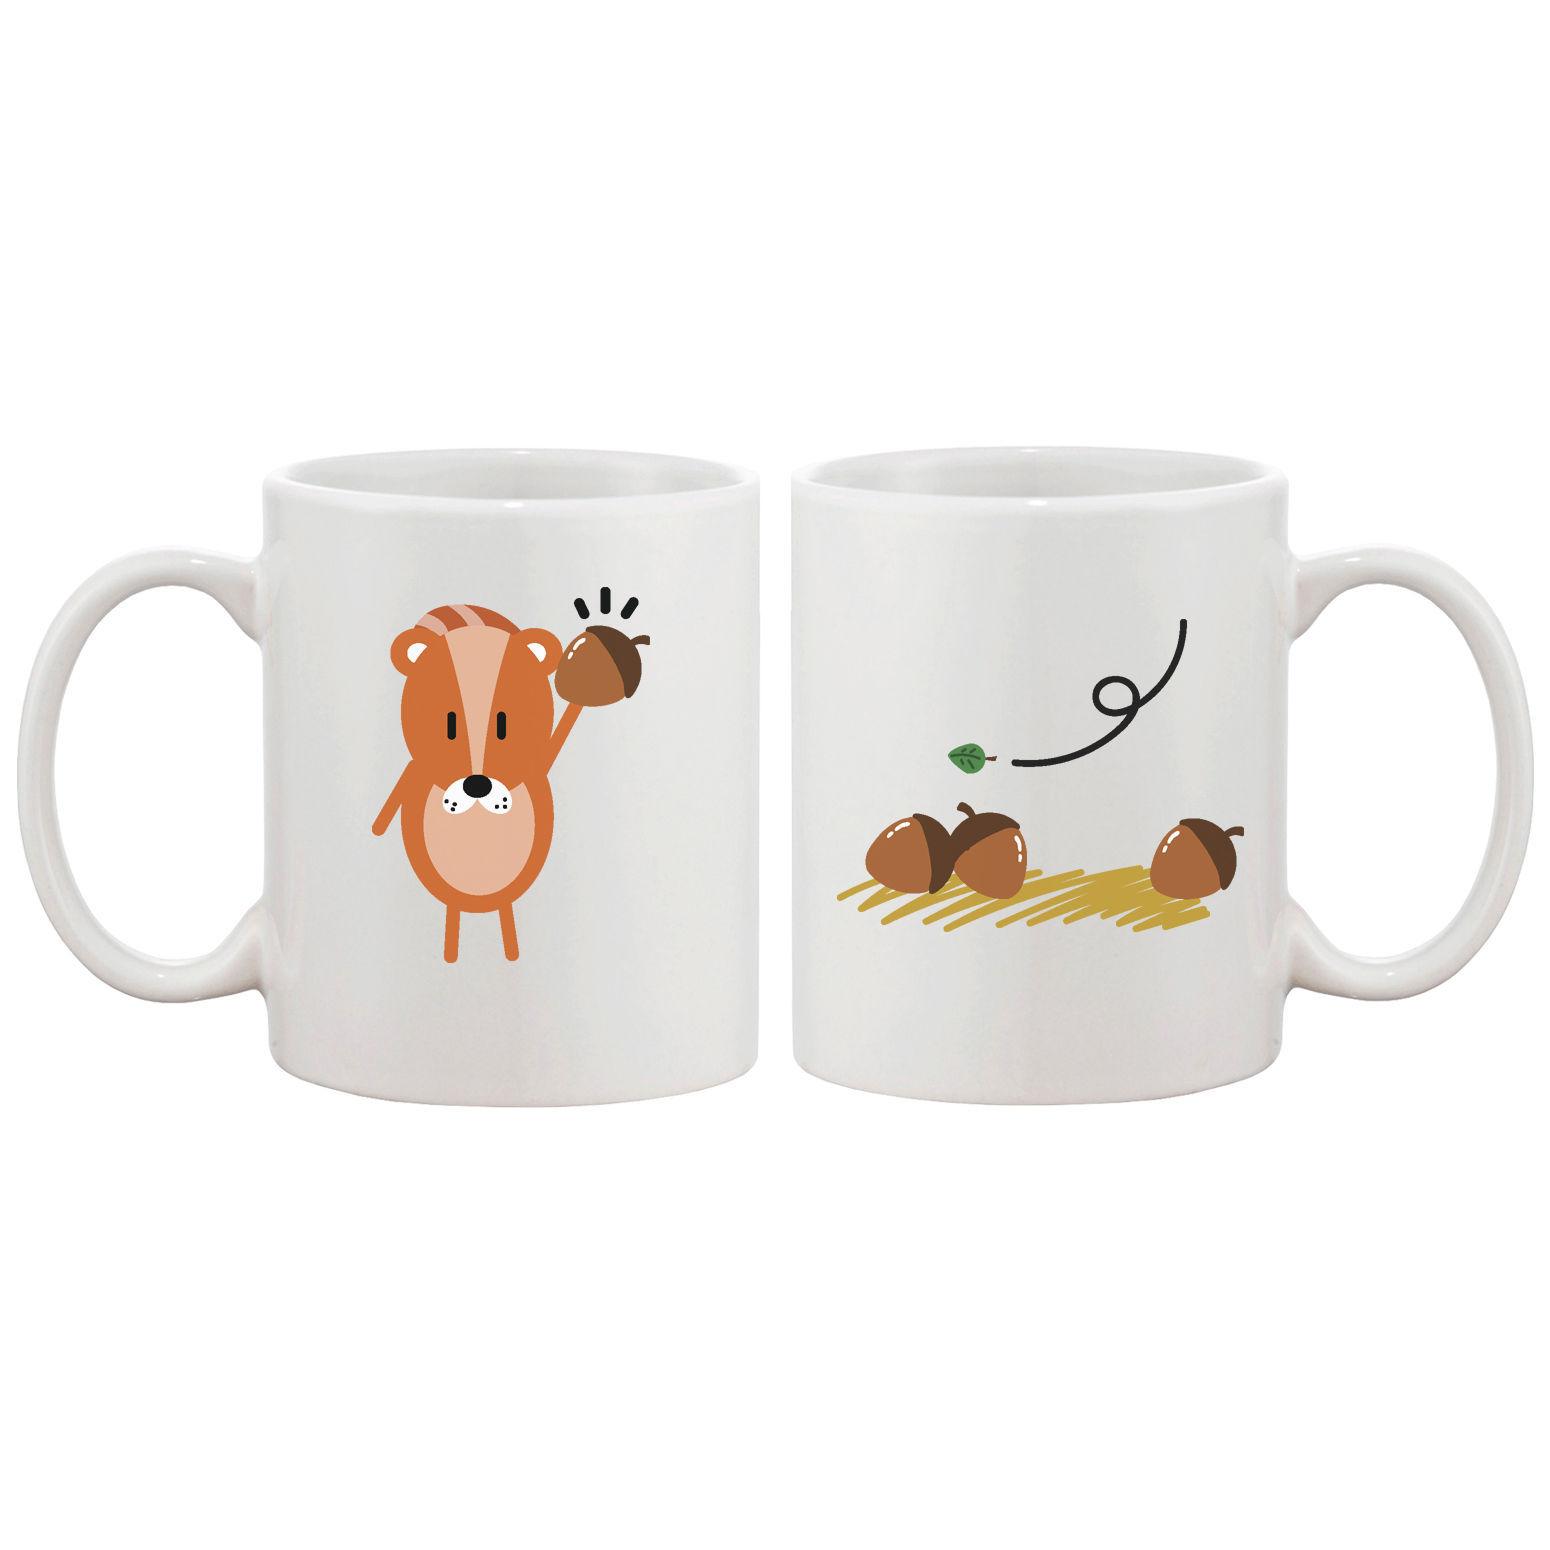 Funny Squirrel Couple Mugs Cute Graphic Design Ceramic